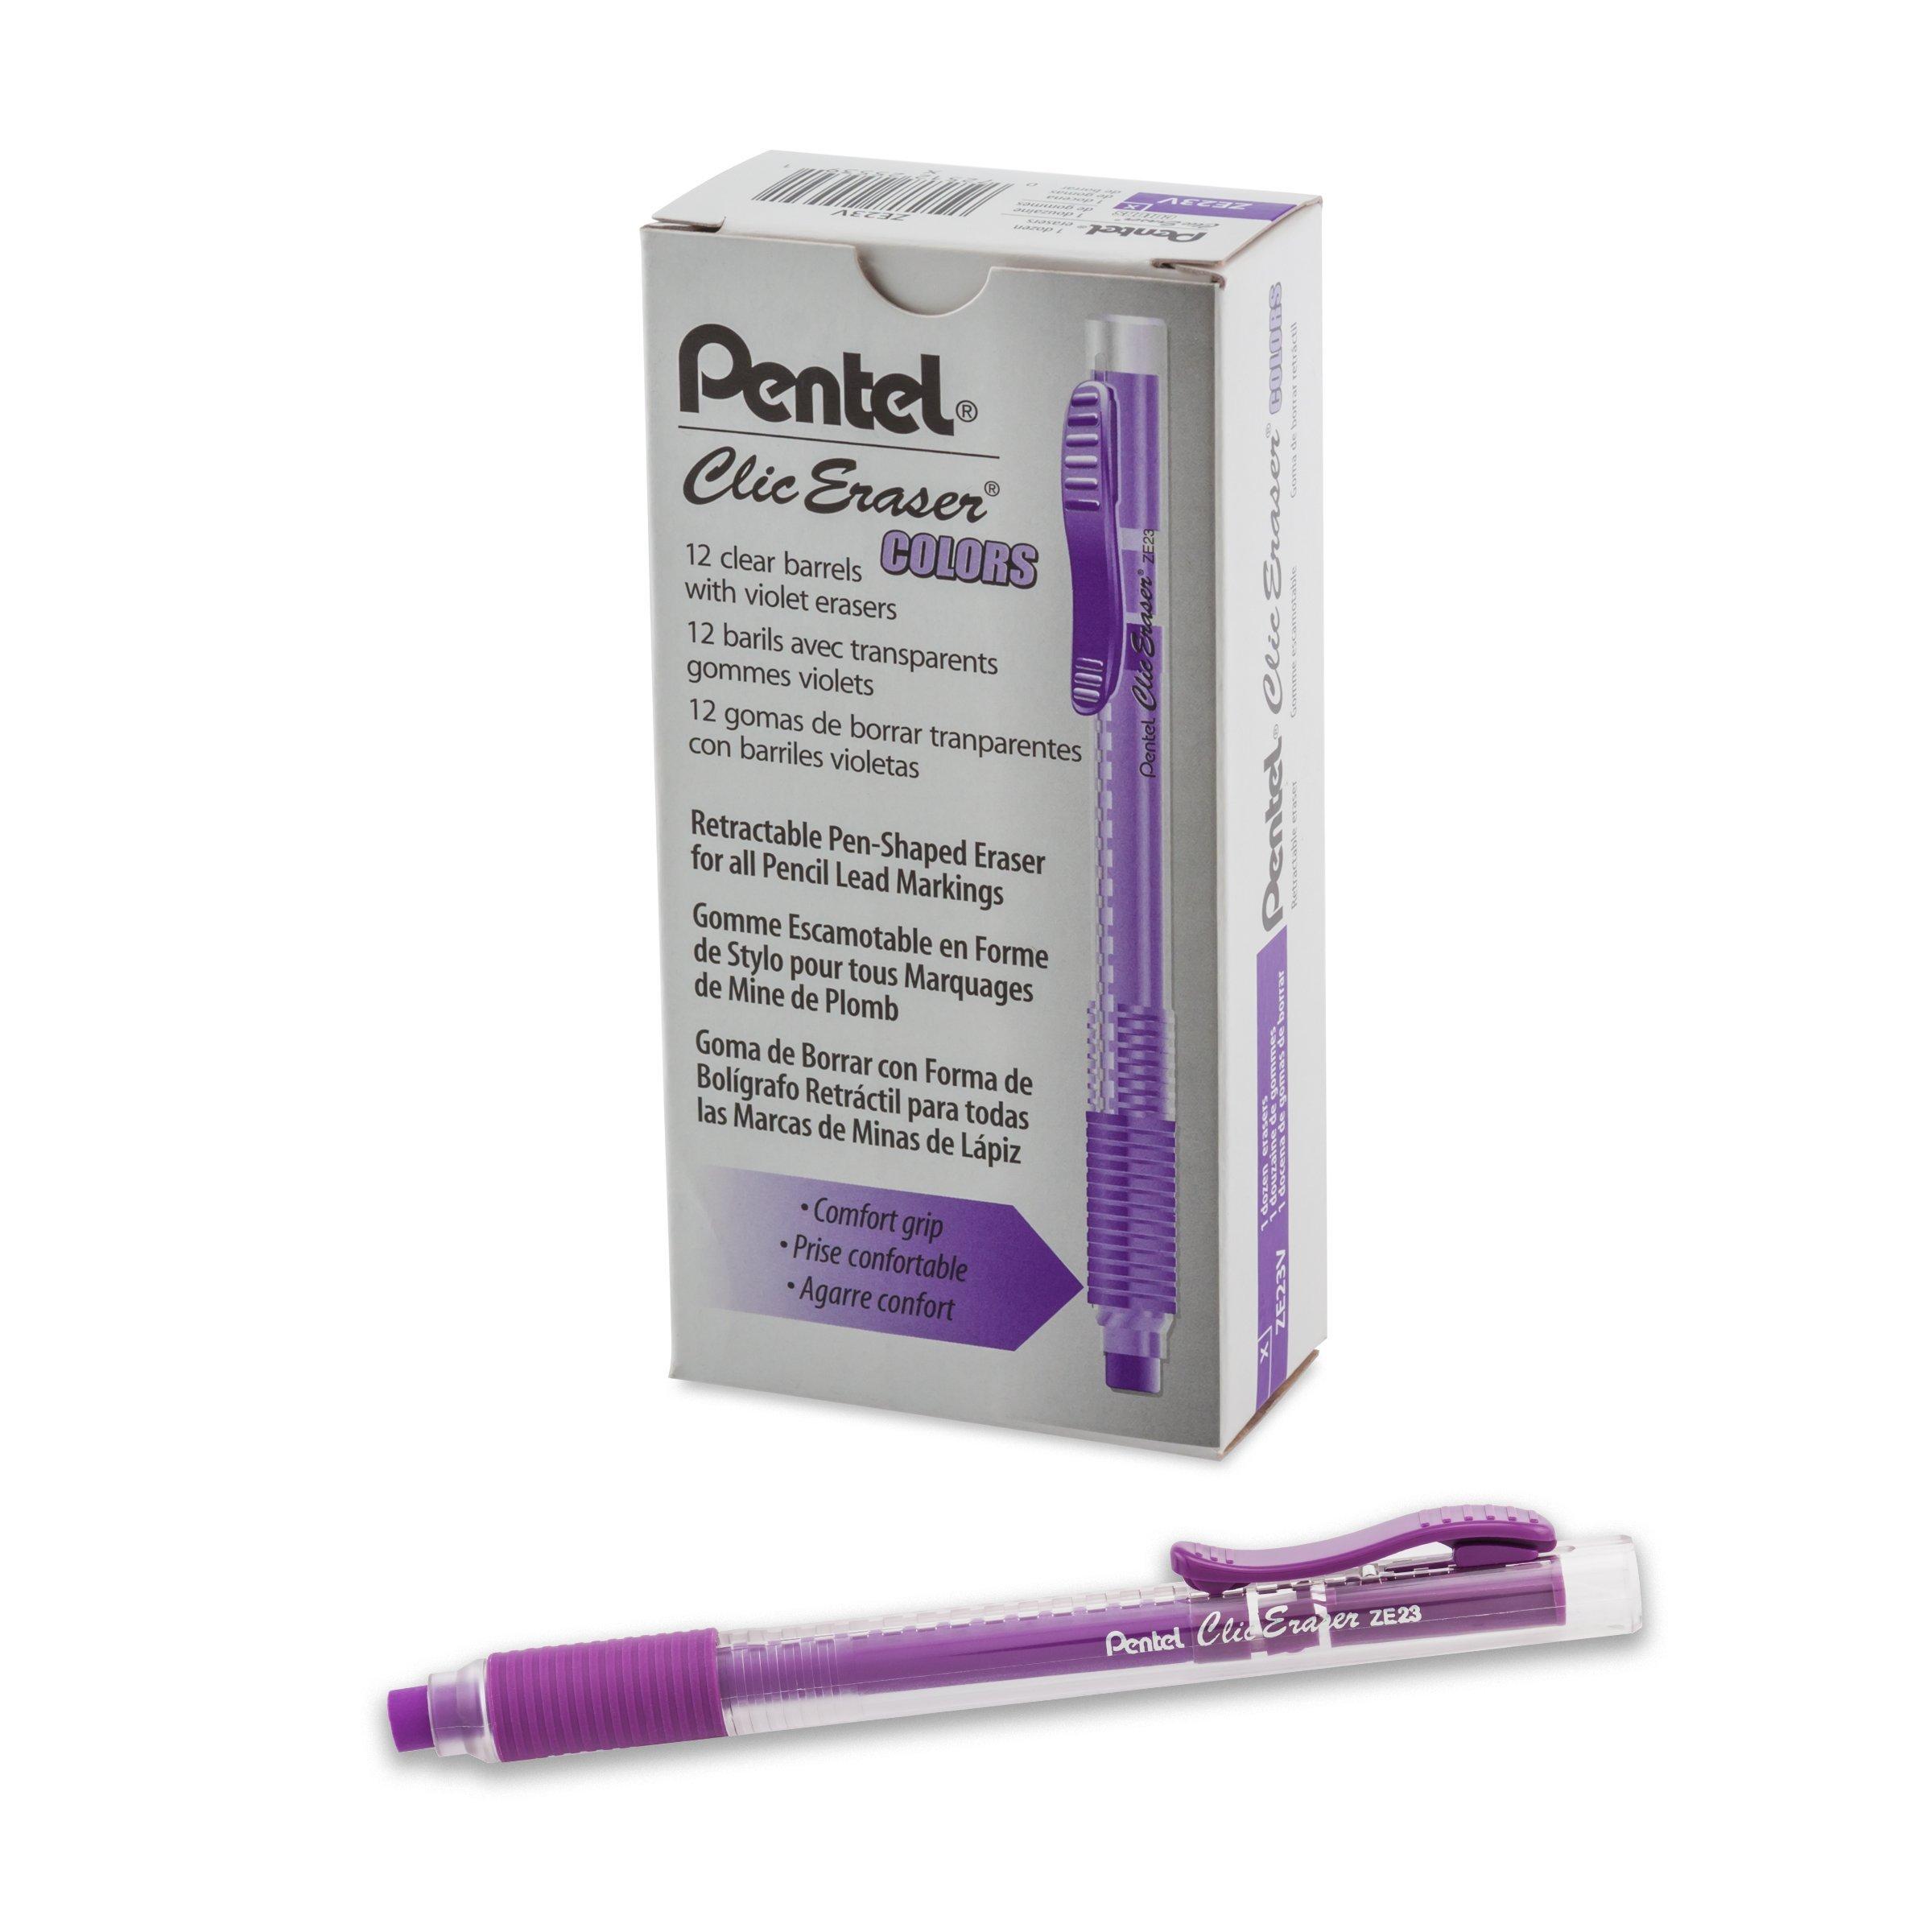 Pentel Clic Colors Retractable Eraser with Grip, Violet Barrel, Box of 12 (ZE23V)